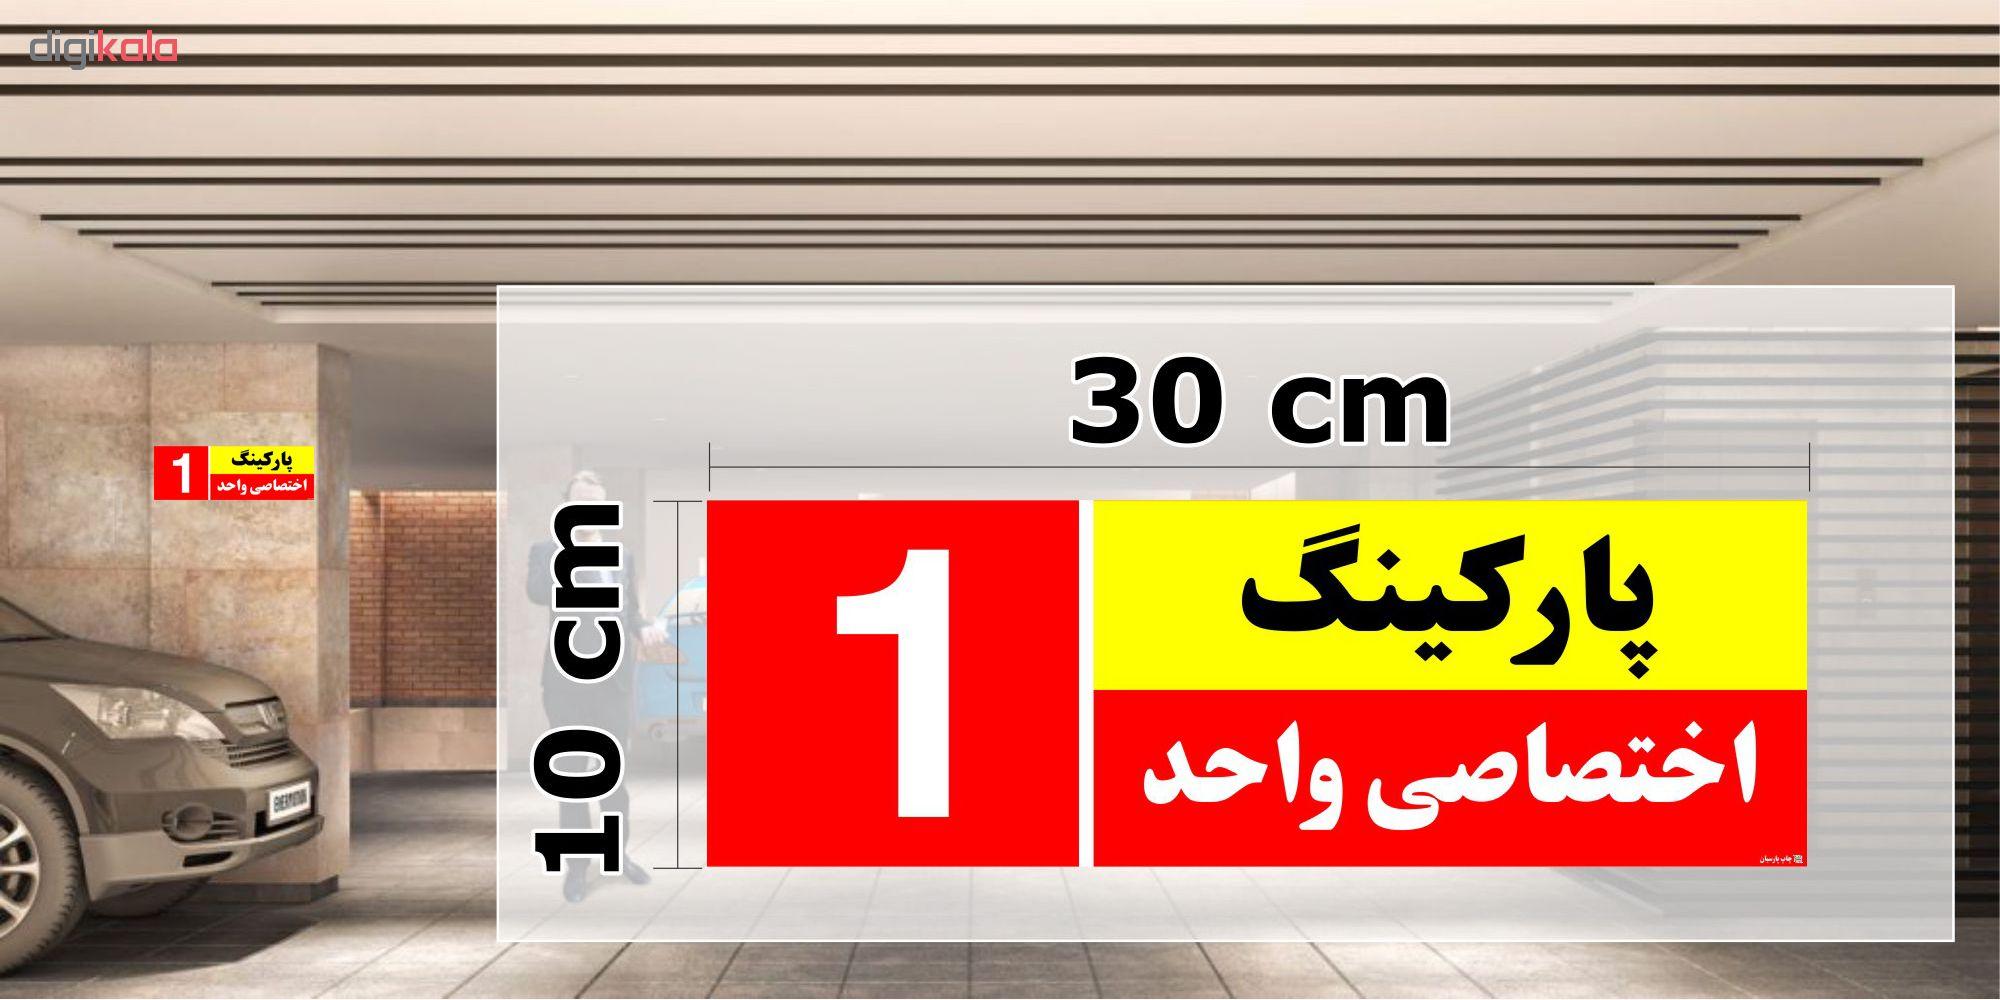 تابلو نشانگر چاپ پارسیان طرح شماره پارکینگ اختصاصی واحد 1